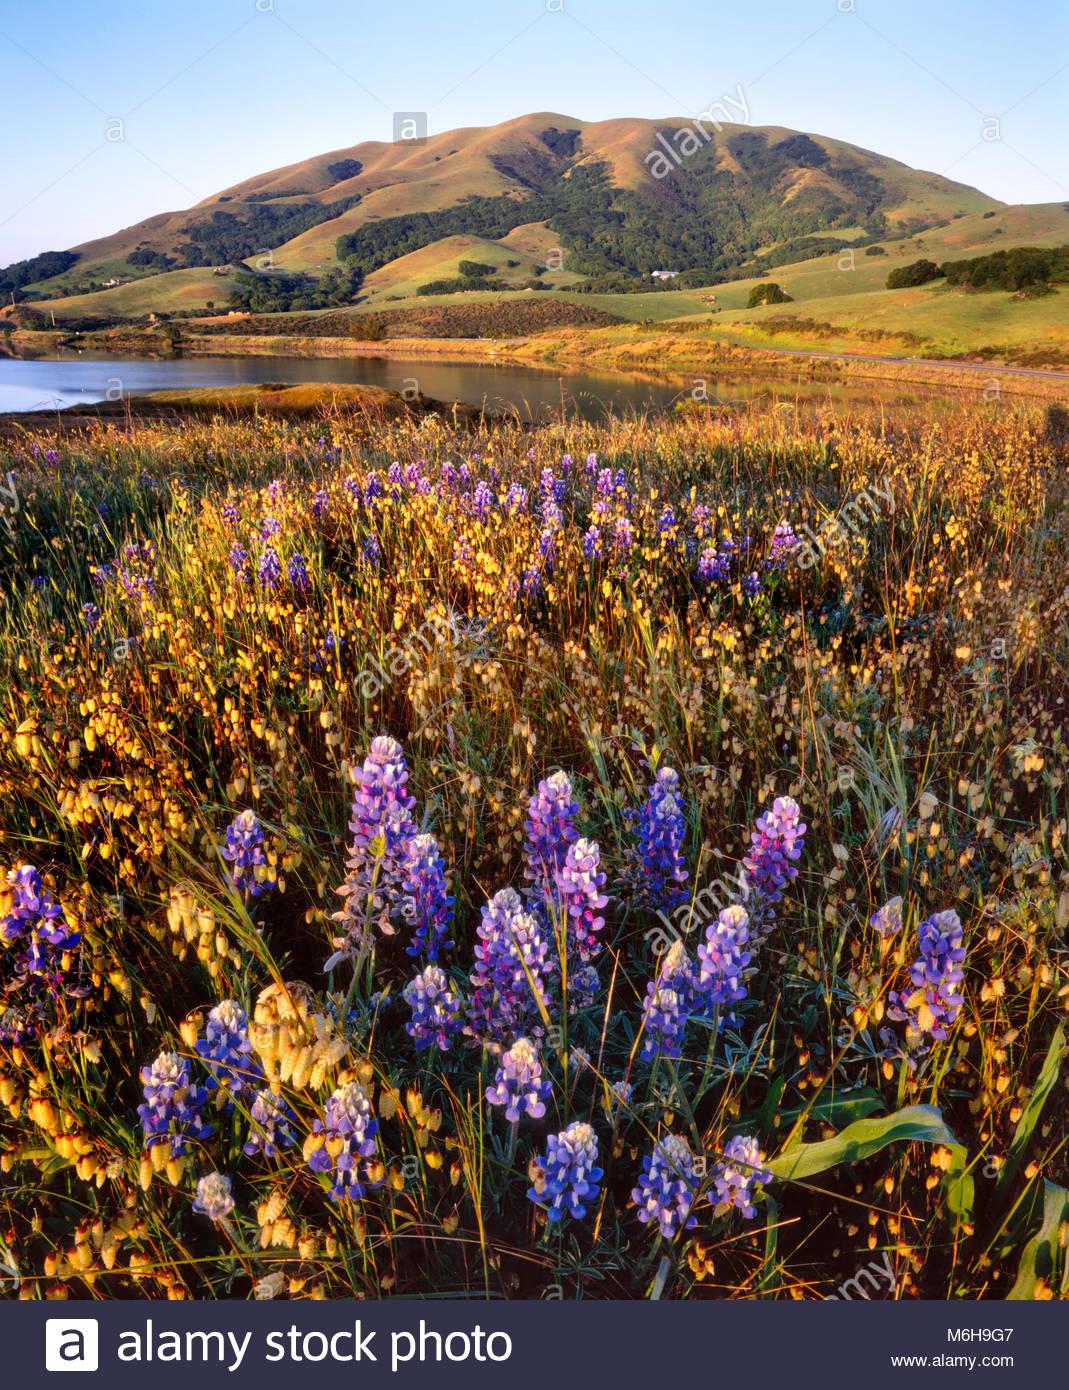 Wildblumen auf Knoll und Schwarzen Berg, Nicasio, Marin County, Kalifornien Stockbild